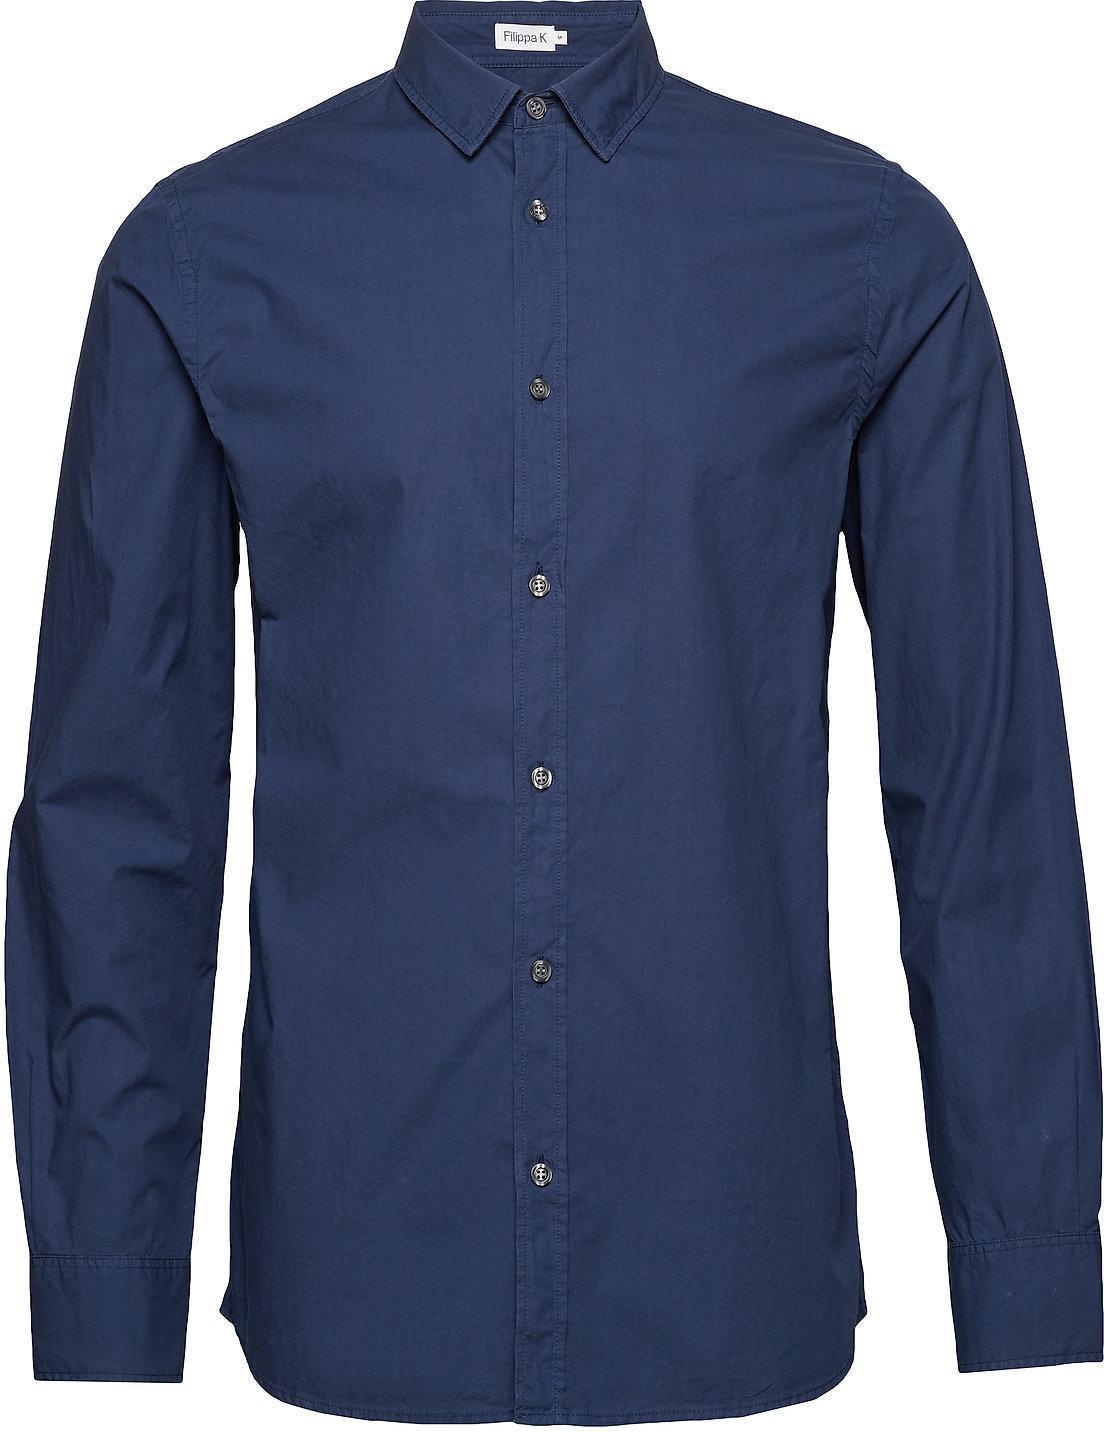 cf28b6b6 Skjorte og bluse - dame og herre - Se best pris på Prisguiden.no